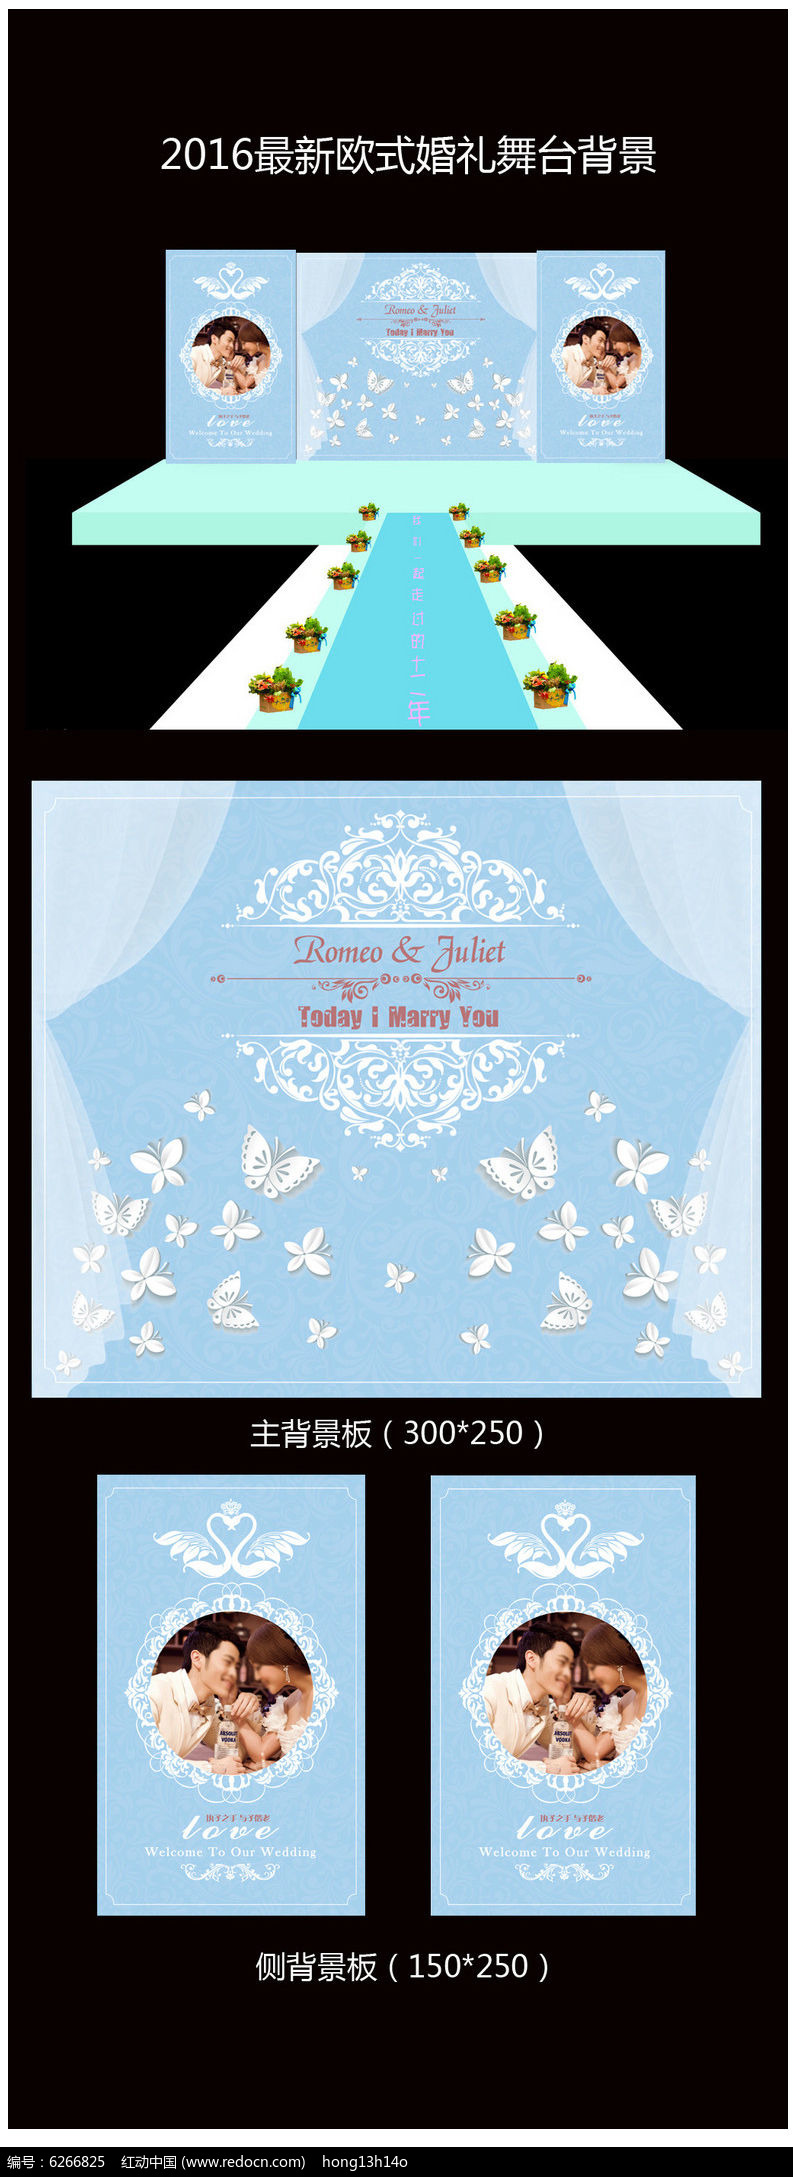 清新典雅的高端婚礼展板图片